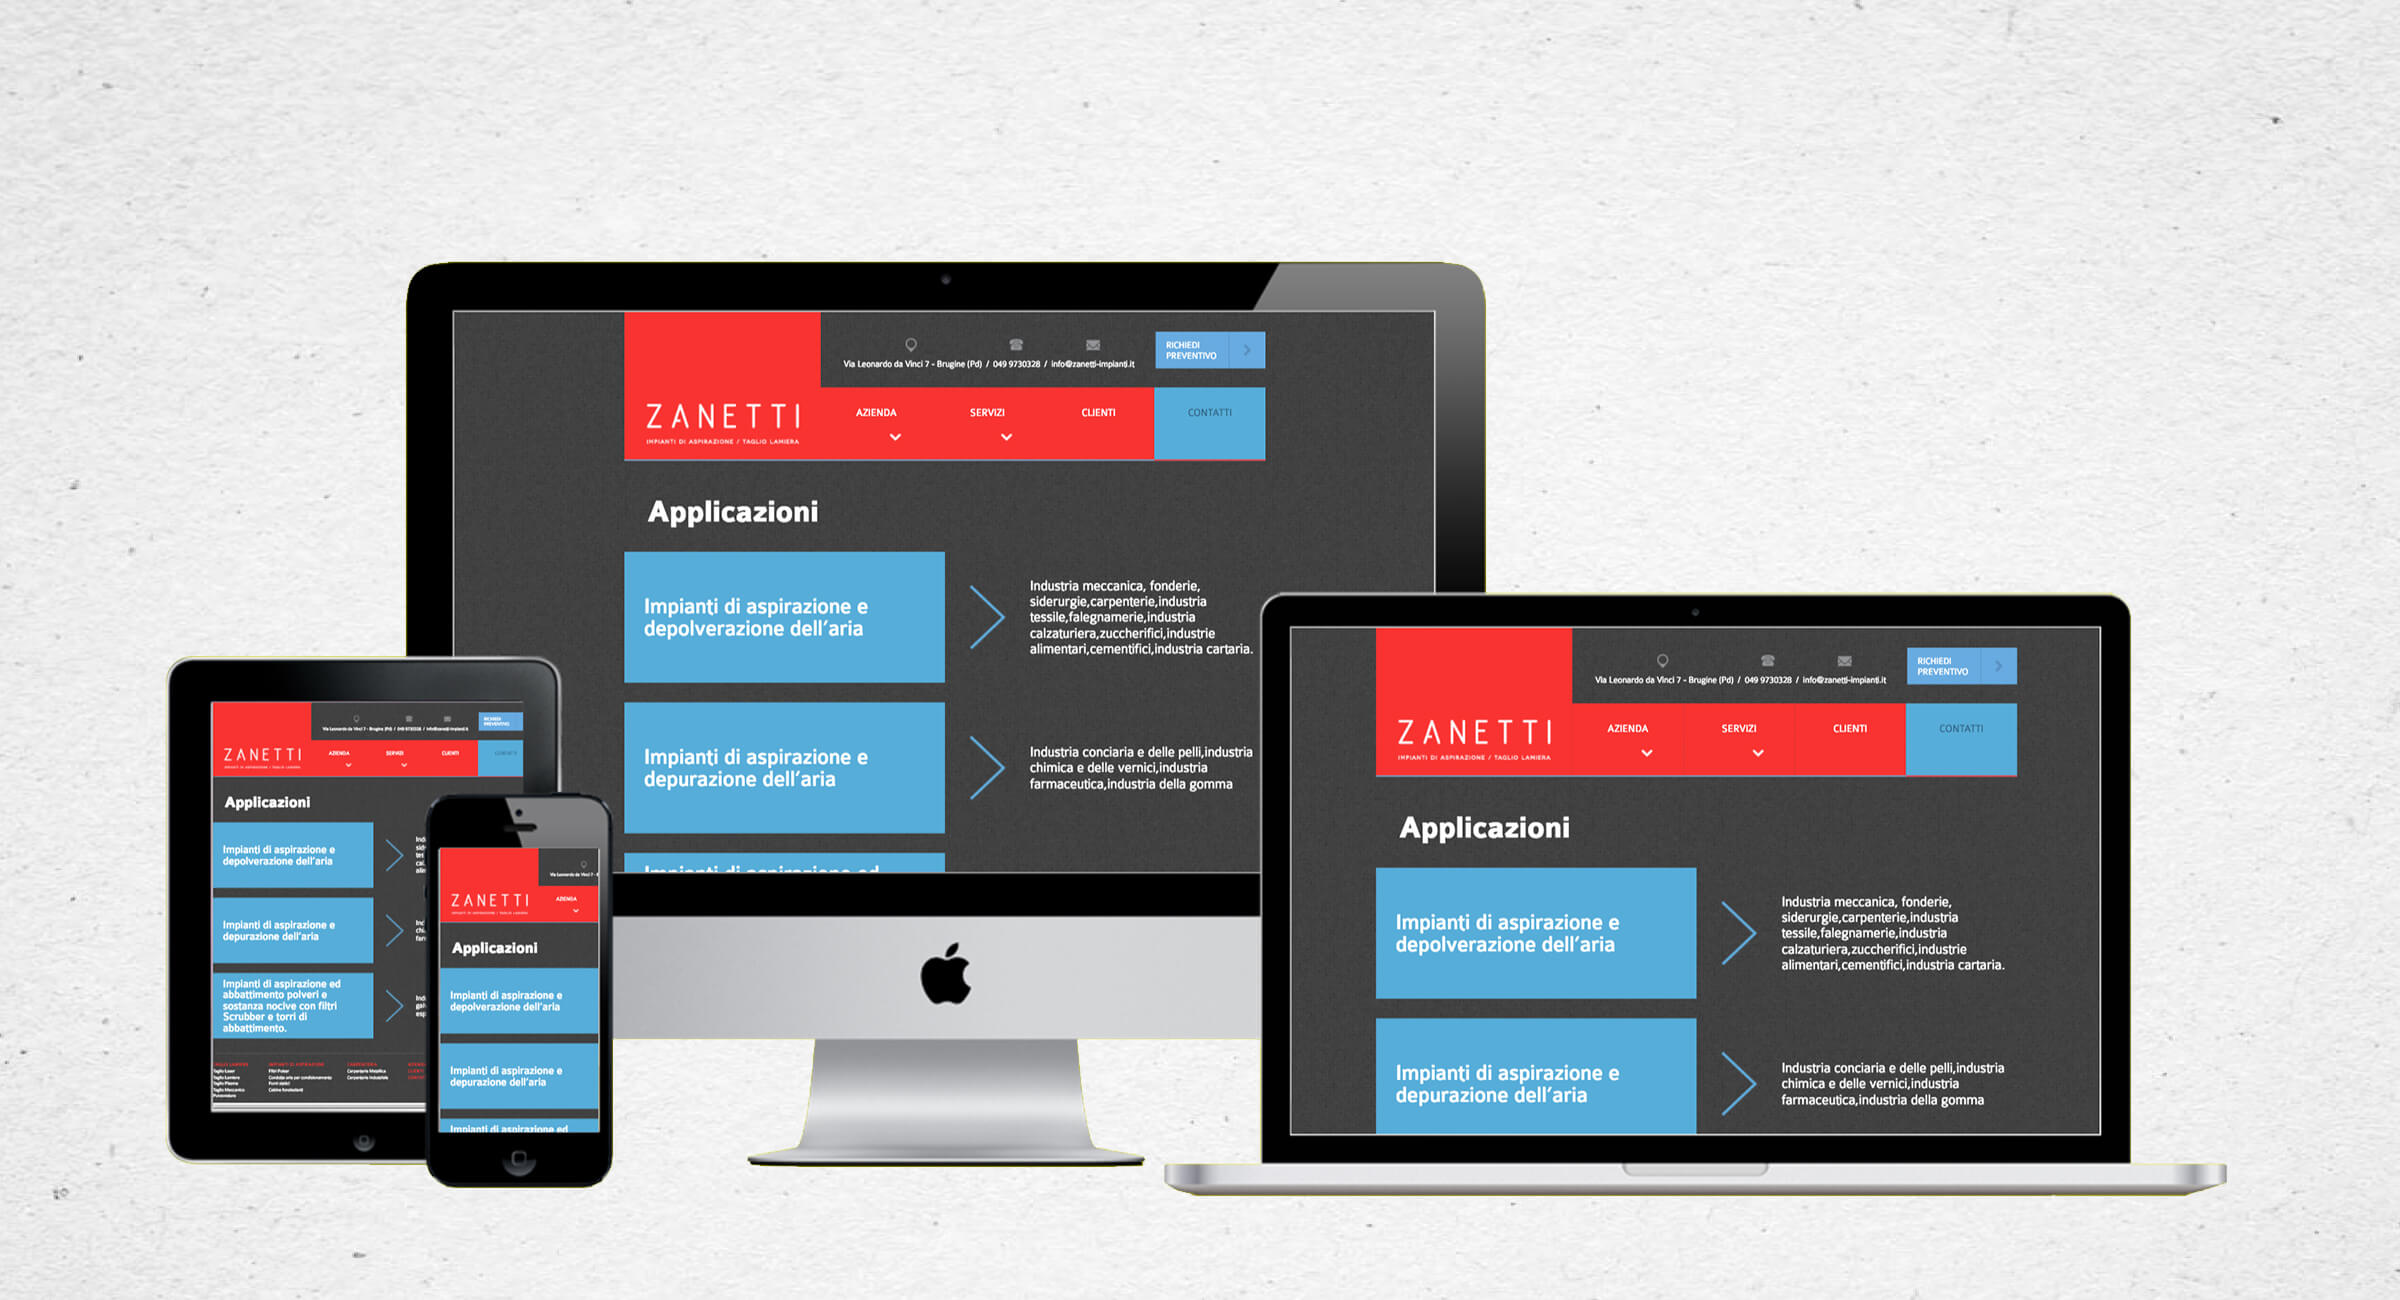 OnOff-Communication-realizzazione-sito-web-Zanetti-Impianti (1)